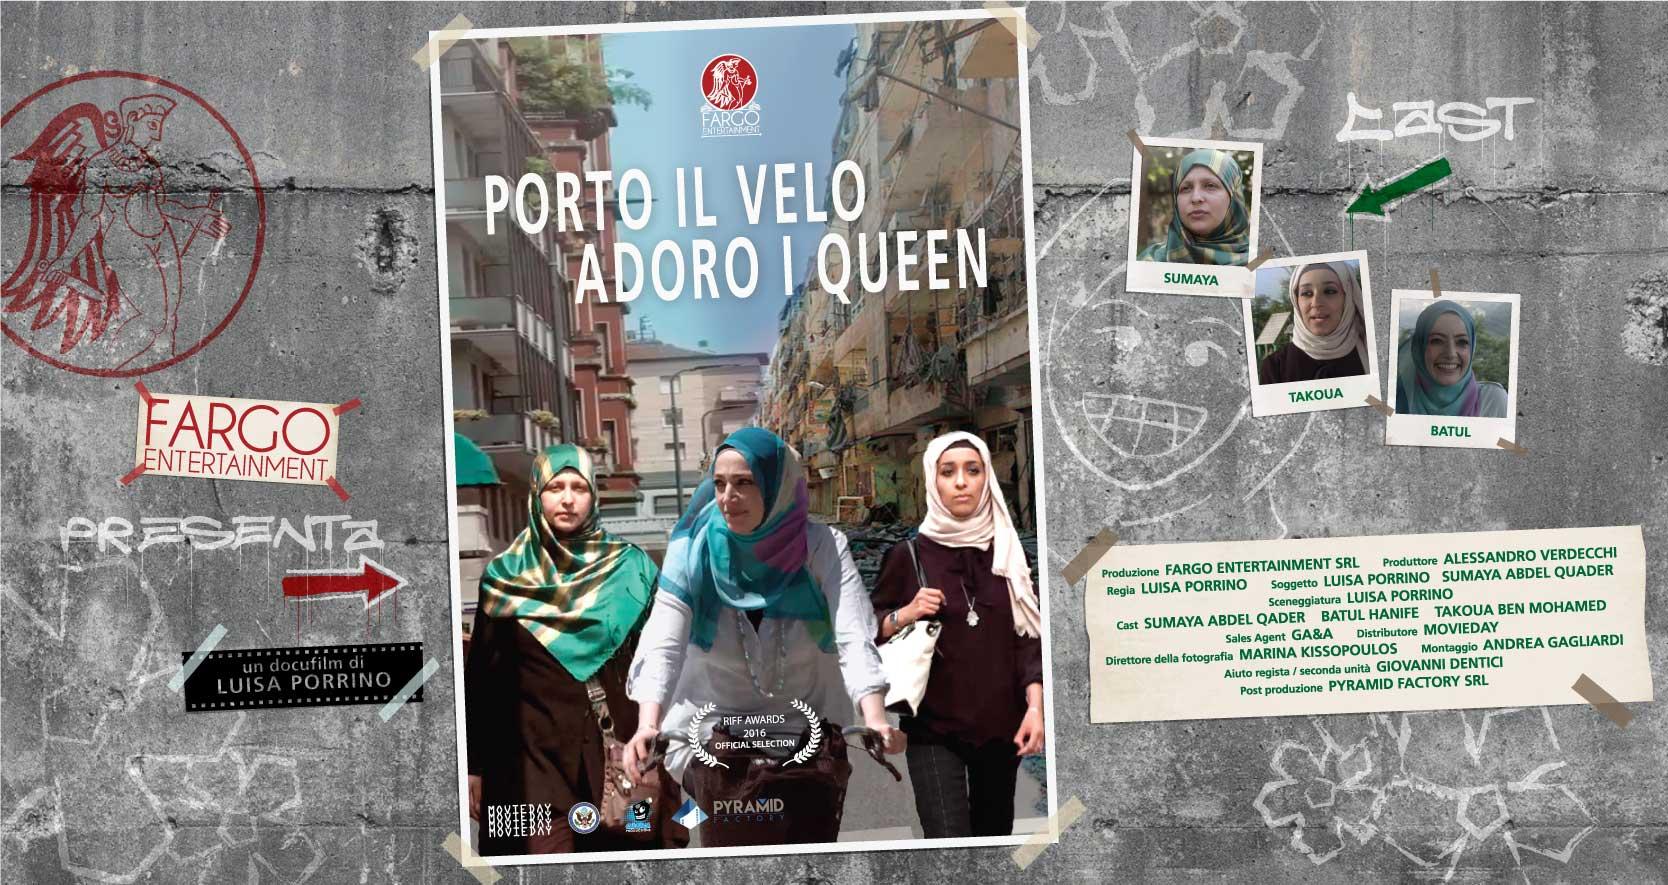 Affissa ad un muro di cemento armato la locandina di 'Porto il velo, adoro i Queen' mostra le protagoniste Sumaya Abdel Quater, Batul Hanife e Takoua Ben Mohamed che camminano lungo una strada metropolitana. La parte di sinistra degli edifici che si affacciano sulla strada sono integri, la parte destra è distrutta dalla guerra.